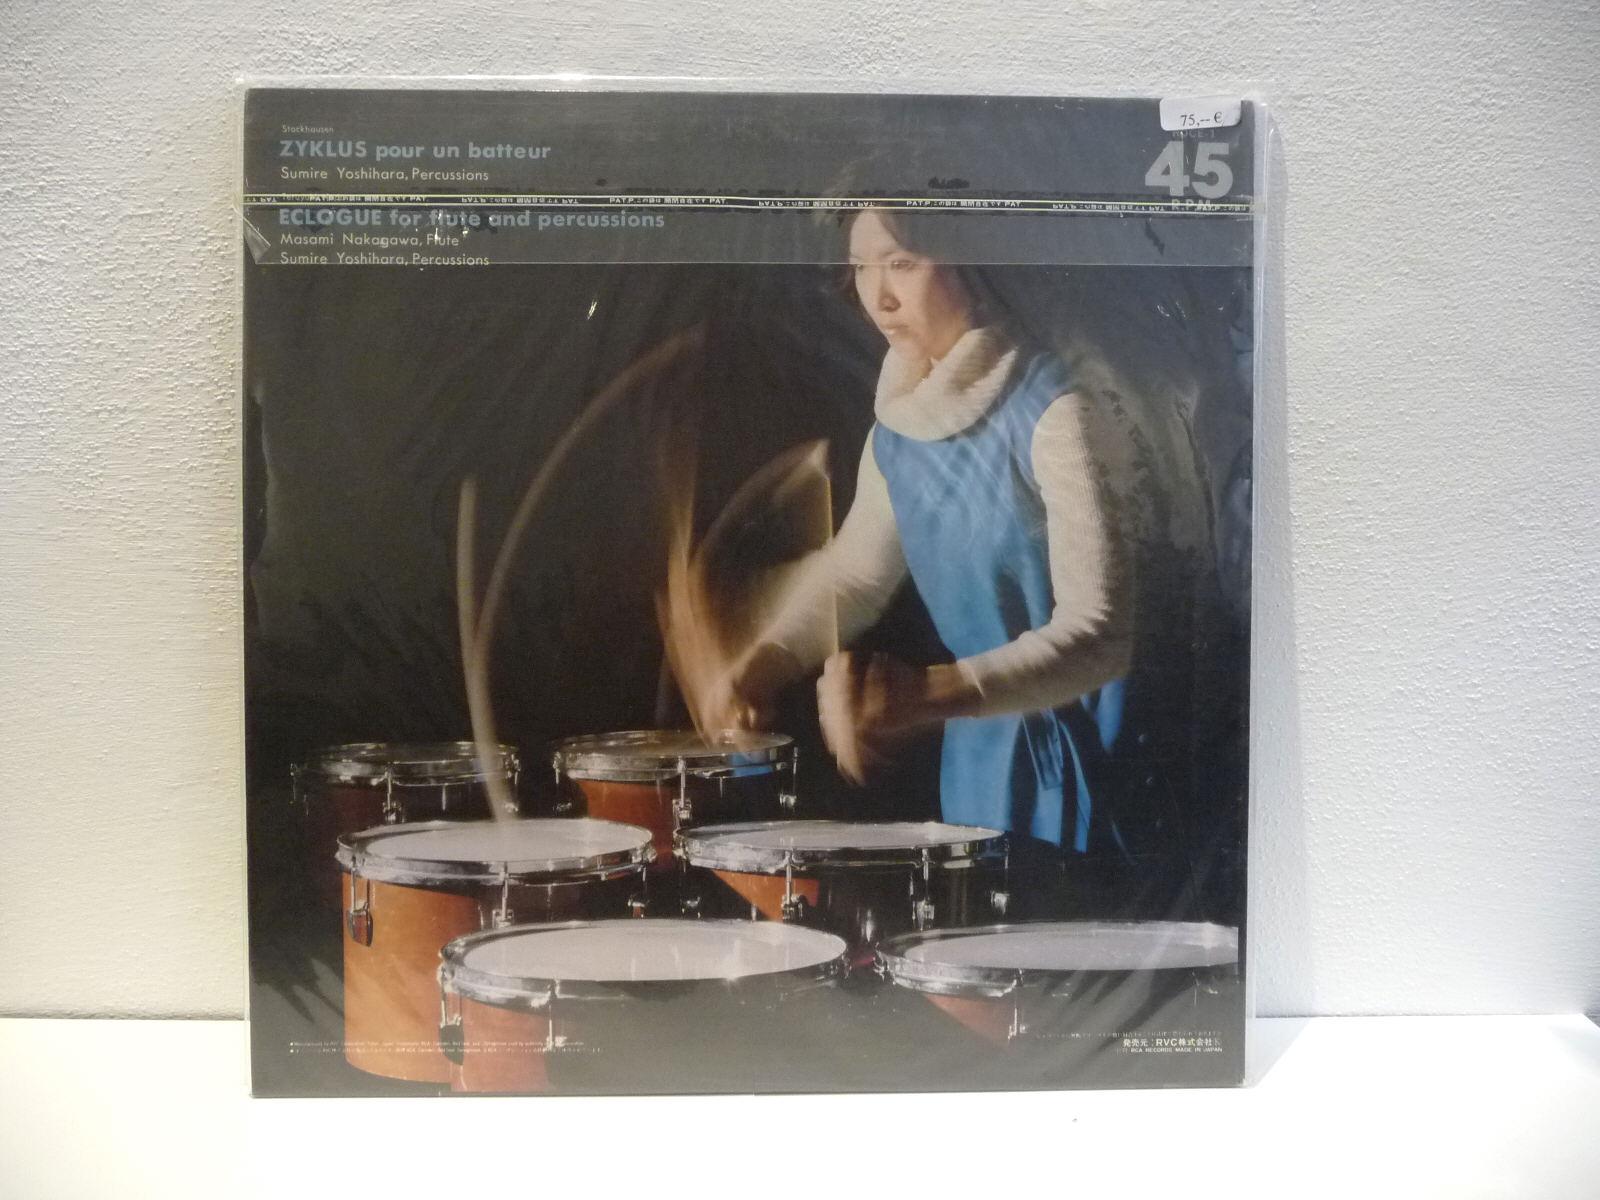 LP-Zyklus pour un batteur-Stockhausen-45rpm-2